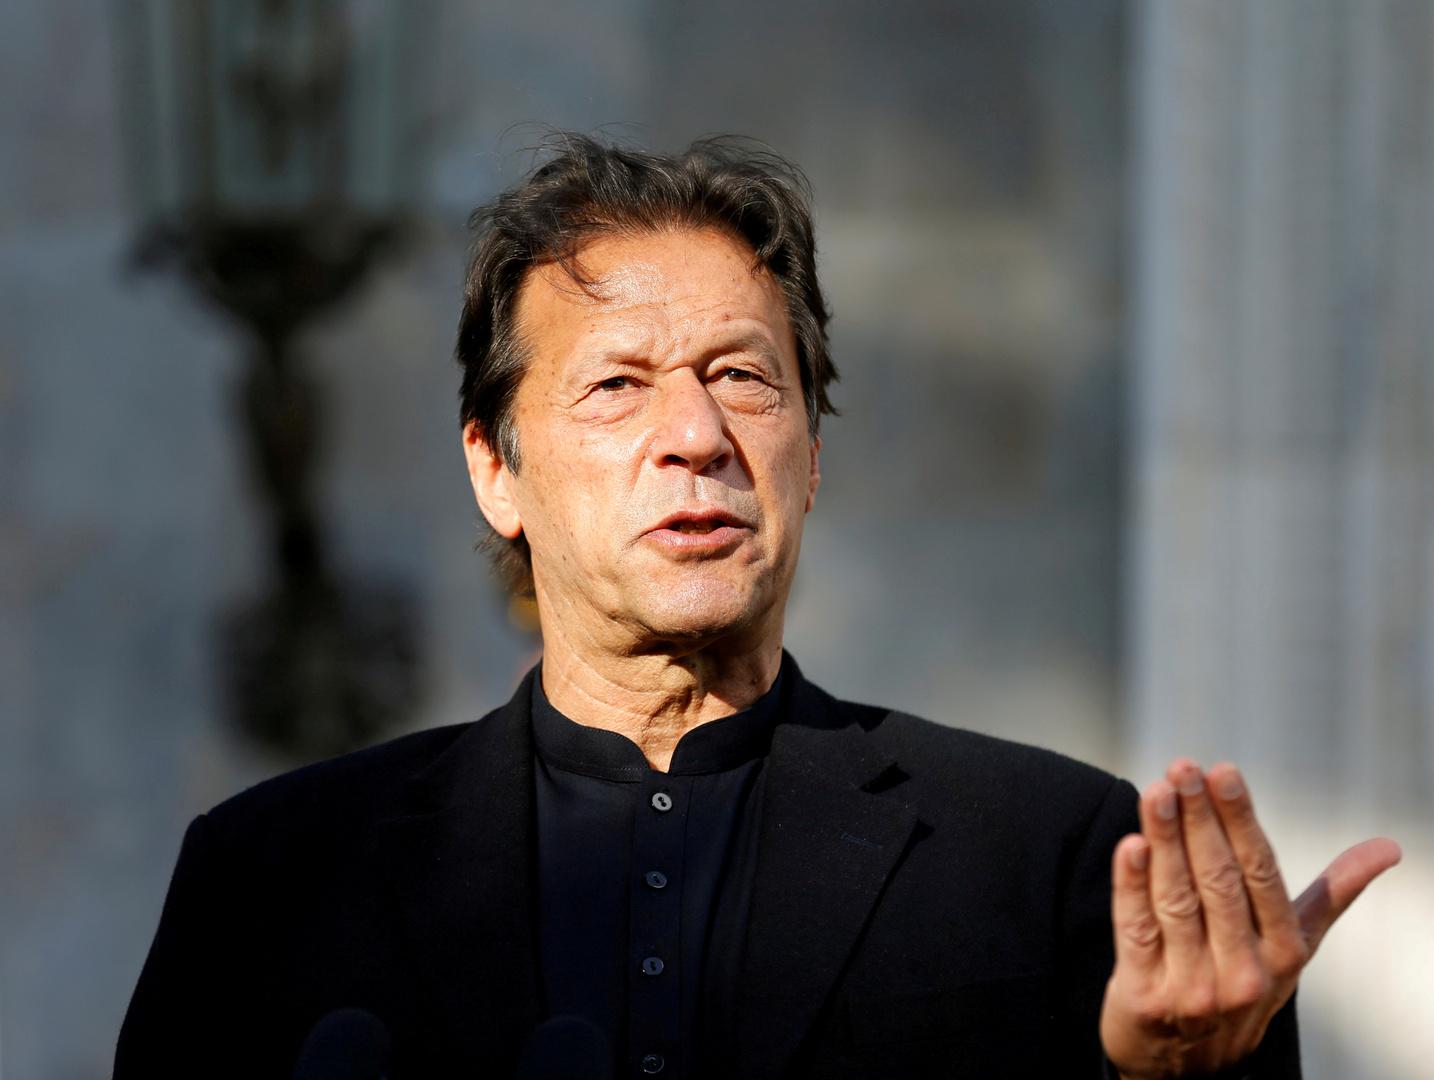 اتهامات لرئيس وزراء باكستان بعرقلة عمل اللجنة الوطنية لحقوق الإنسان